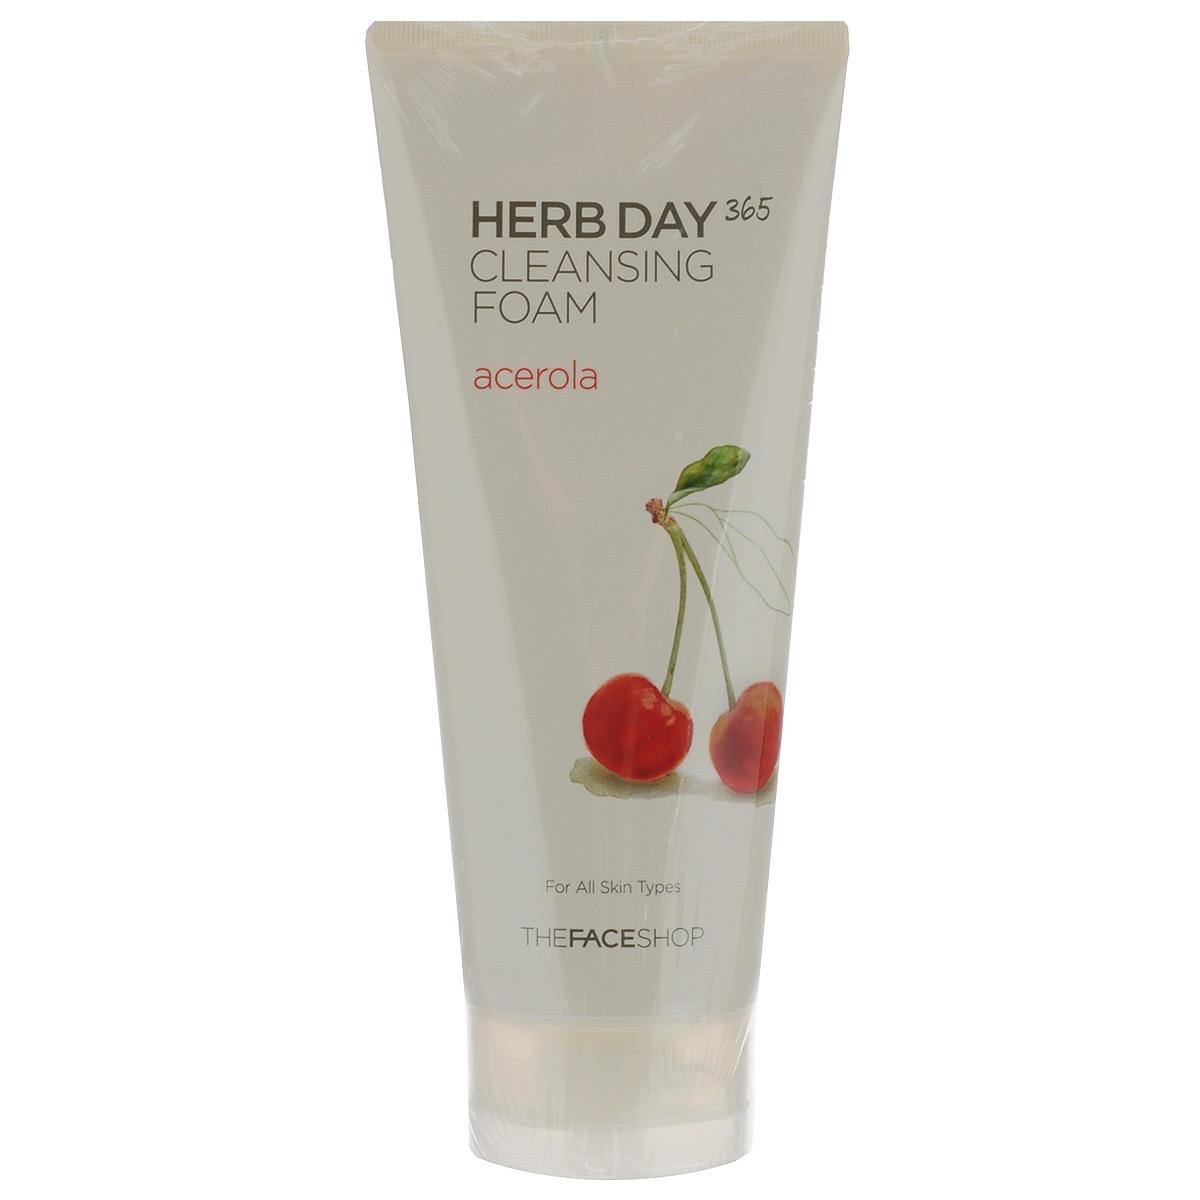 The Face Shop Пенка для умывания Herb Day 365, очищающая, с экстрактом ацеролы, для всех типов кожи, 170 млУТ000000798Любая кожа нуждается в нежном тщательном уходе. Насыщенная активными компонентами формула пенки очищает кожу от загрязнений, сохраняя при этом ее естественный жировой и водный баланс. Молочные протеины и лактоза активно питают клетки кожи, позволяя надолго сохранить красоту и молодость, а экстракт вишни защищает от воздействия свободных радикалов.Благодаря входящим в состав фруктовым кислотам, роговой слой становится более упругим и эластичным, а на коже разглаживаются мелкие морщины. Товар сертифицирован.